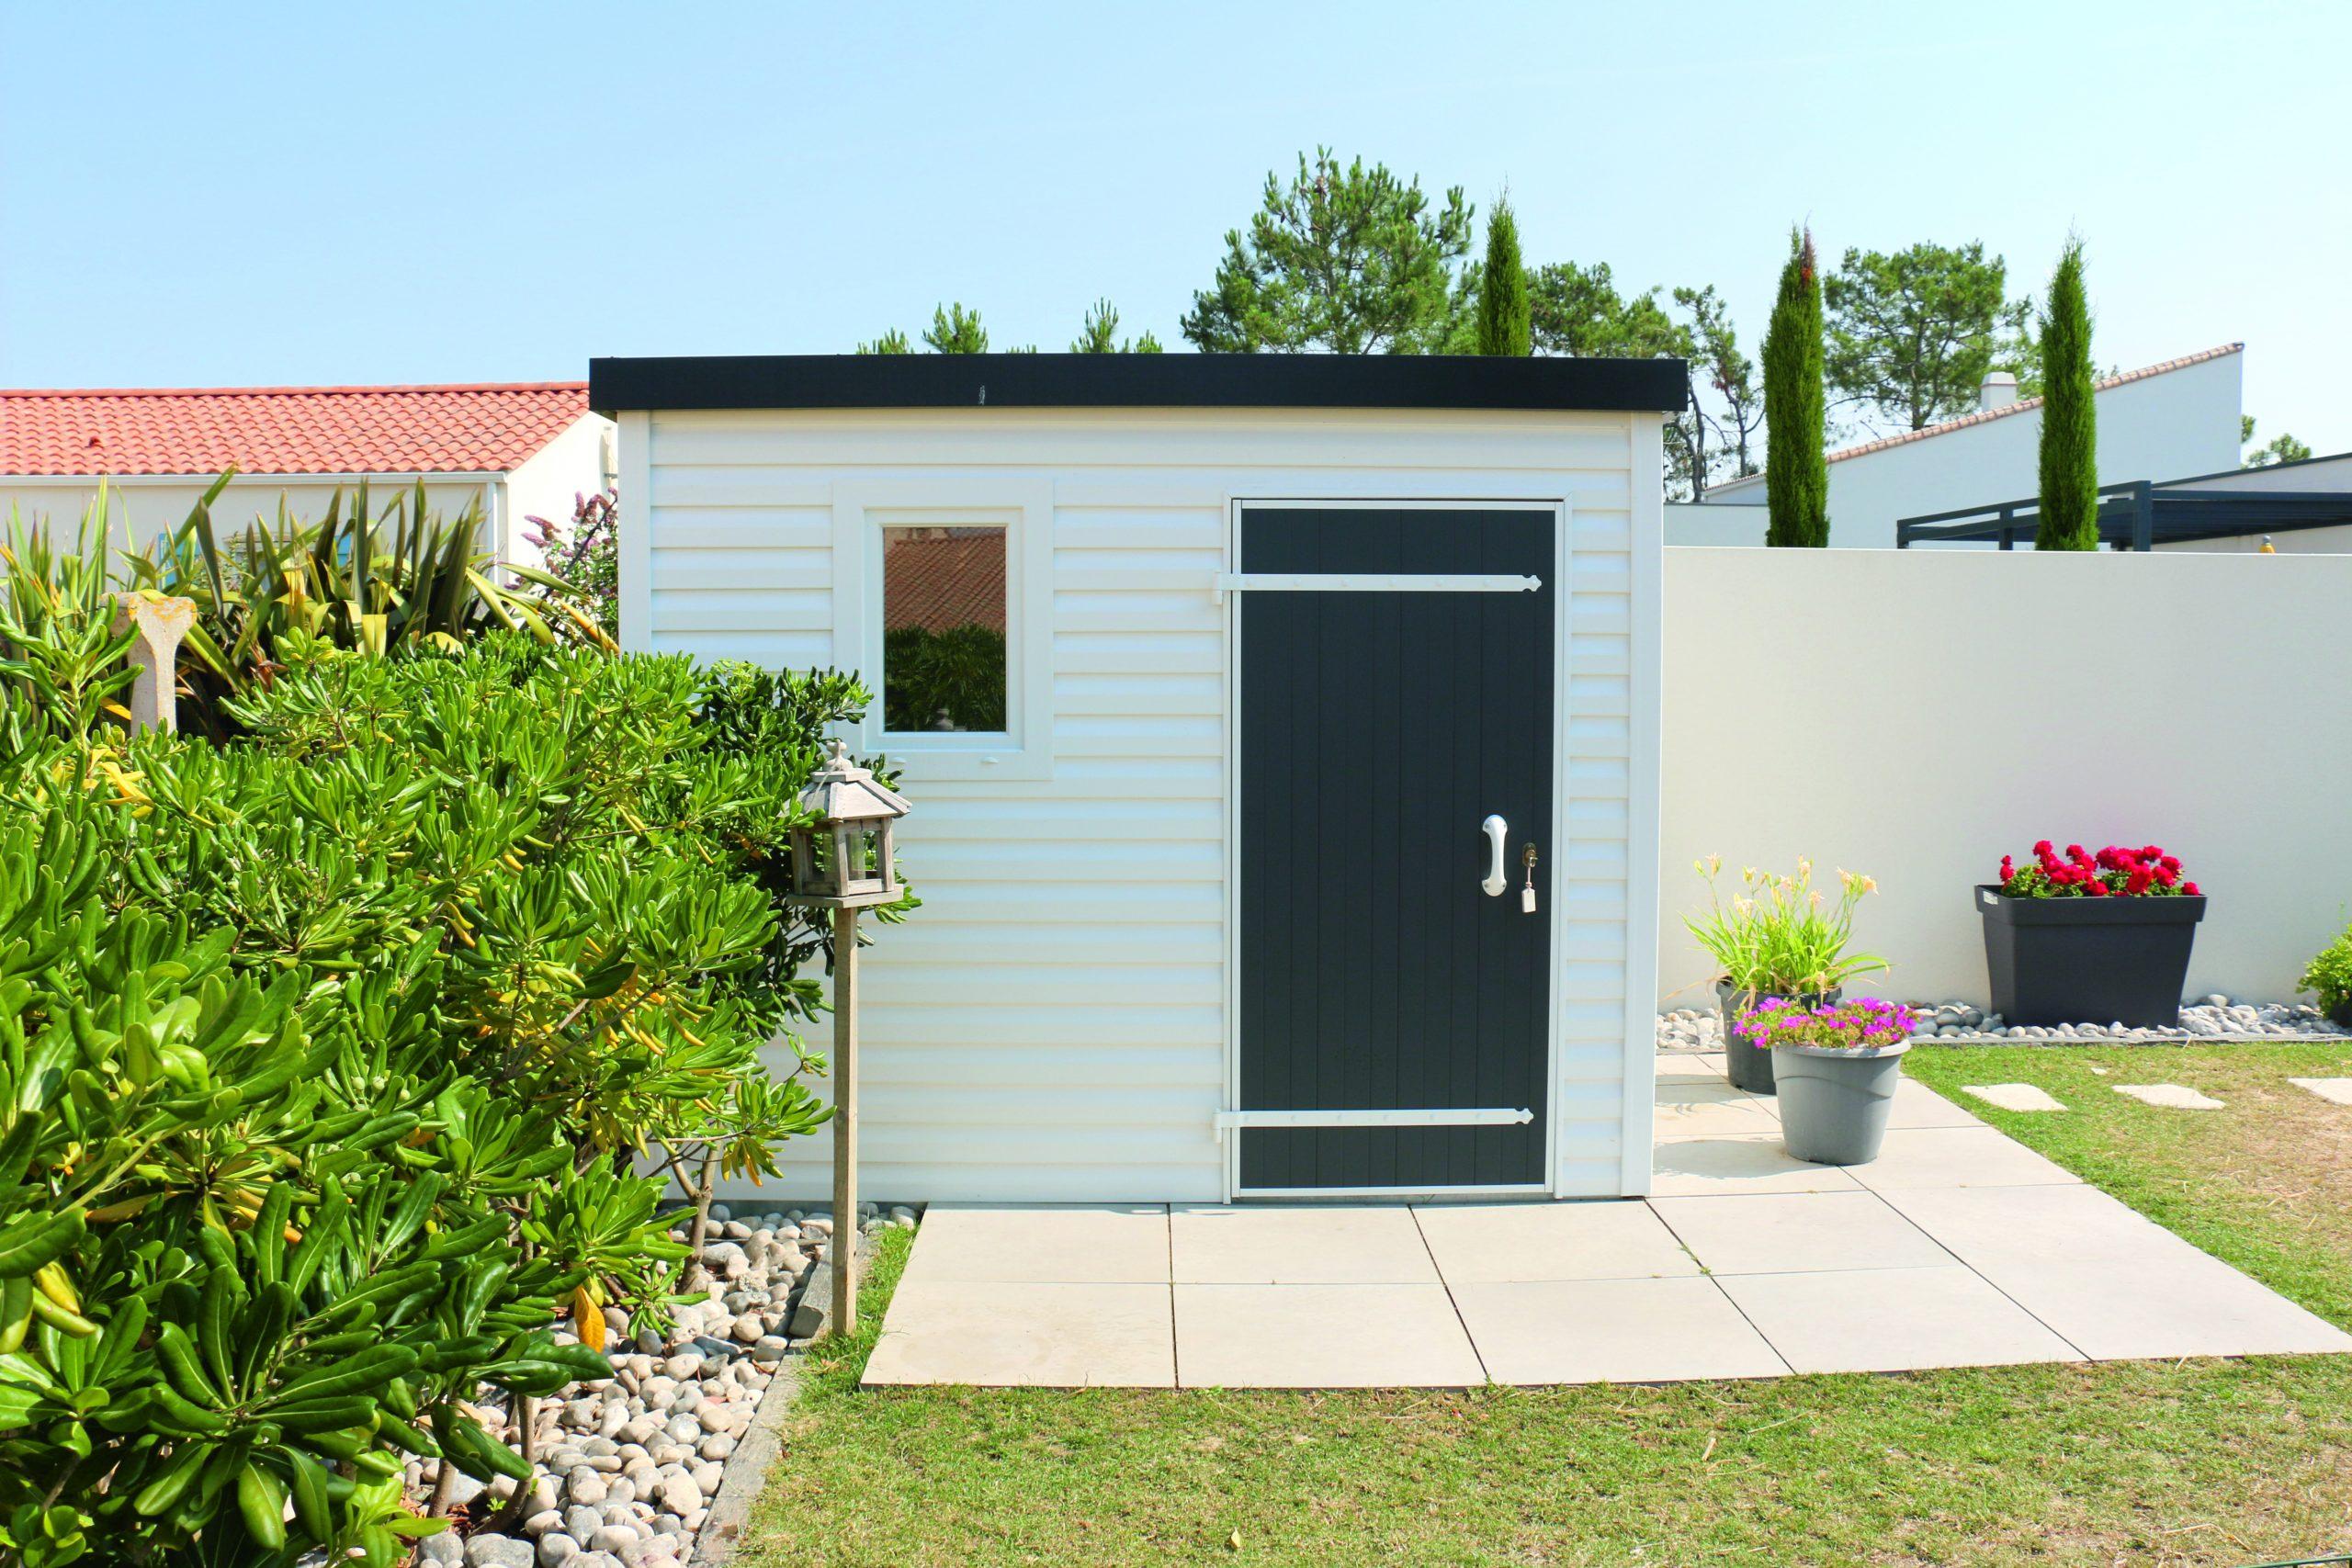 Abri De Jardin Design Toit Plat 5 M² - Abri Pvc < 10 M² Nea Concept serapportantà Abri De Jardin Pvc Toit Plat